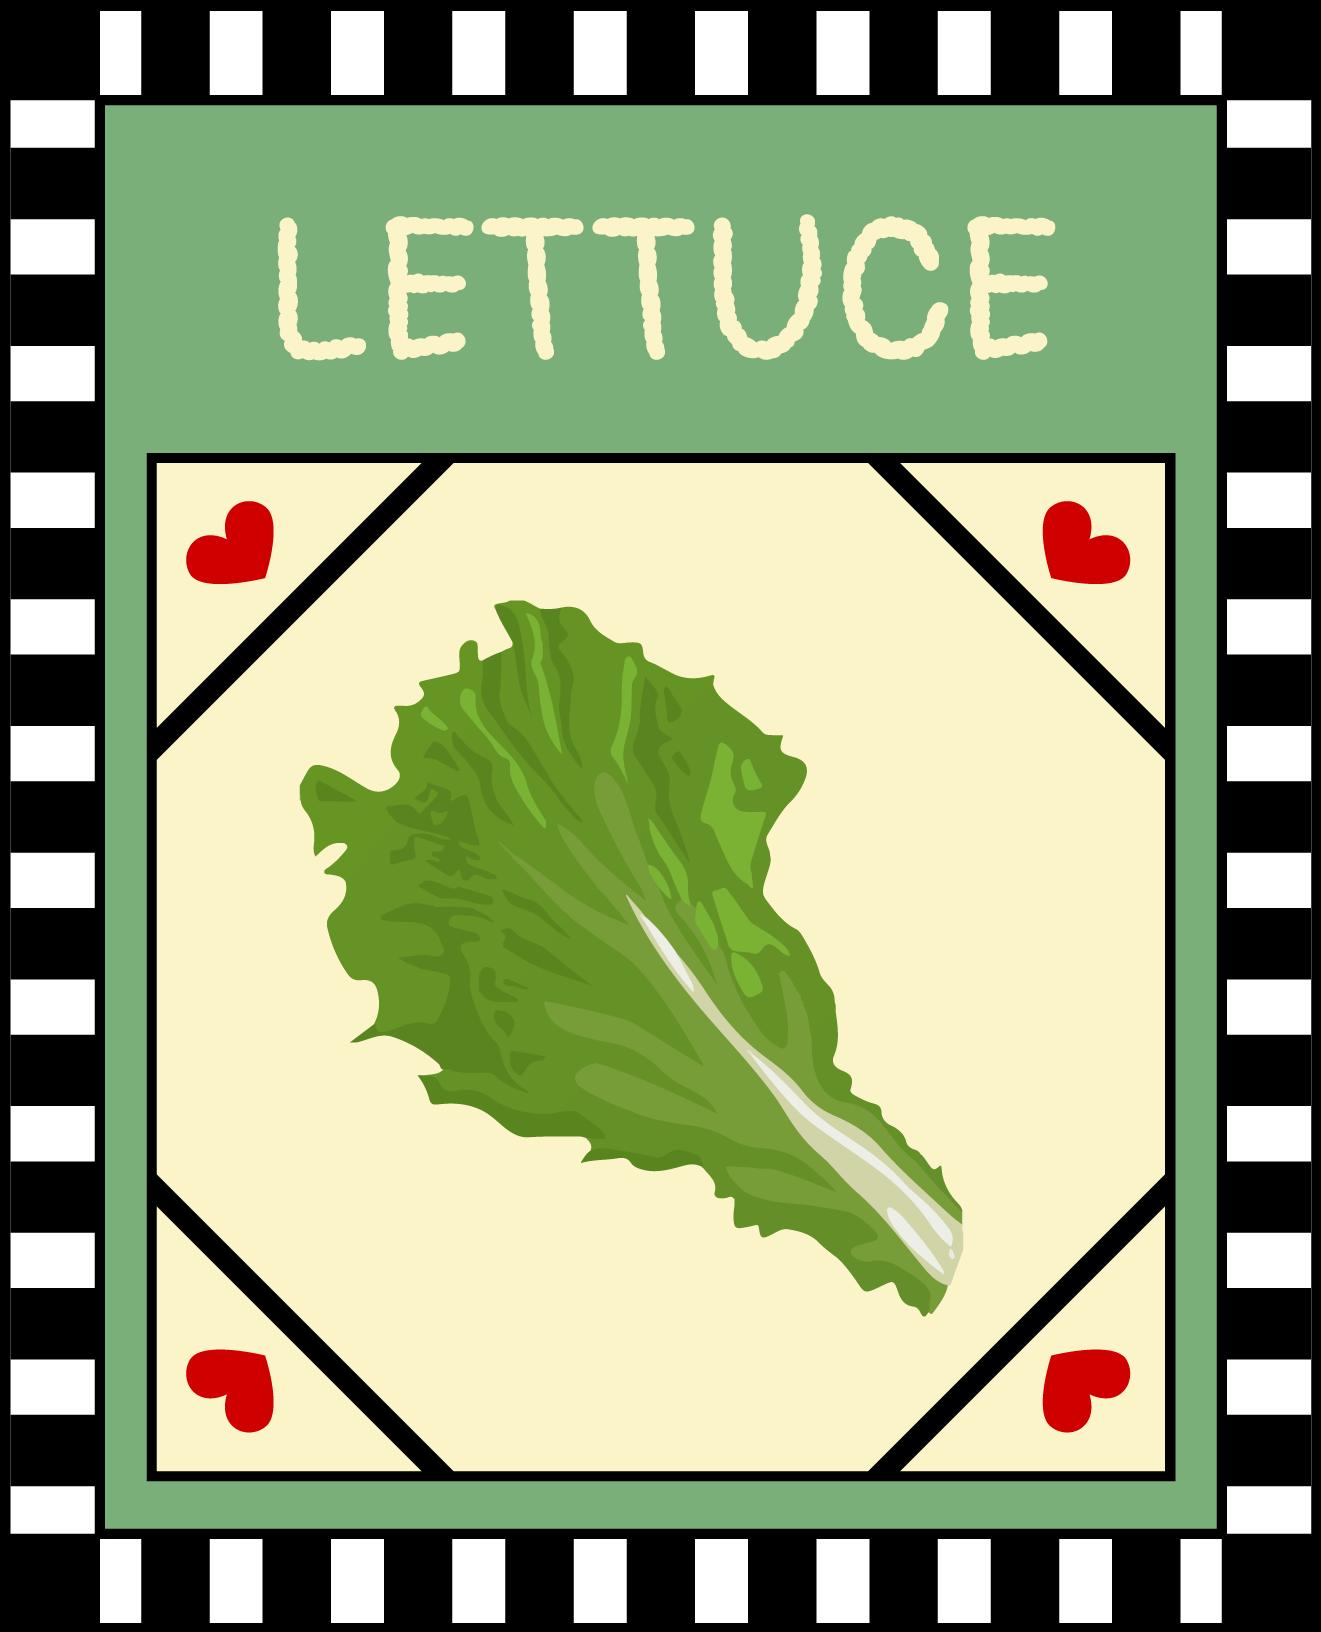 Lettuce / Kale